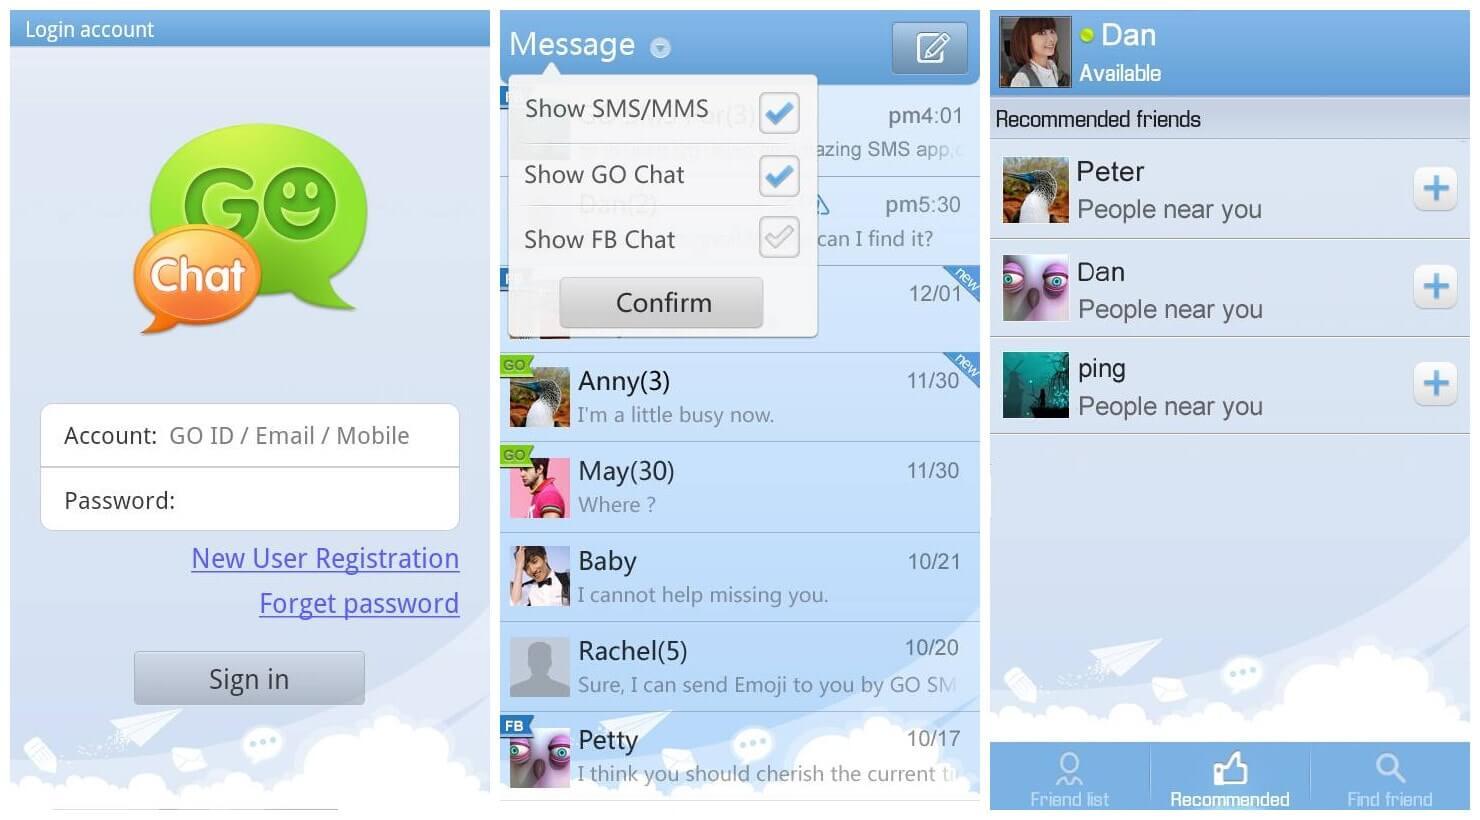 aplicaciones de mensajes ocultos para Android.